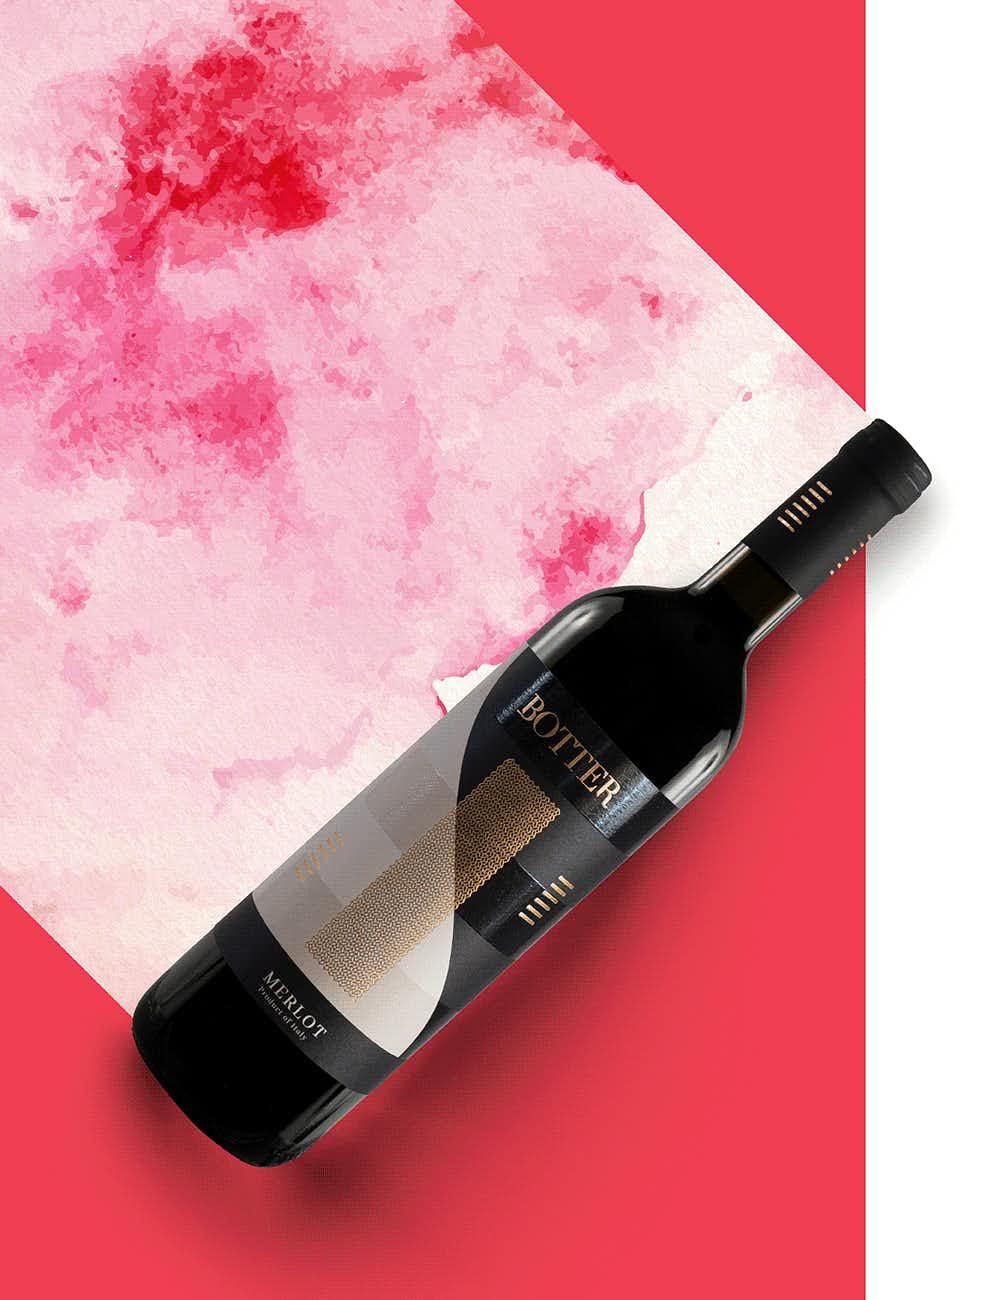 Botter Wines Merlot 2018